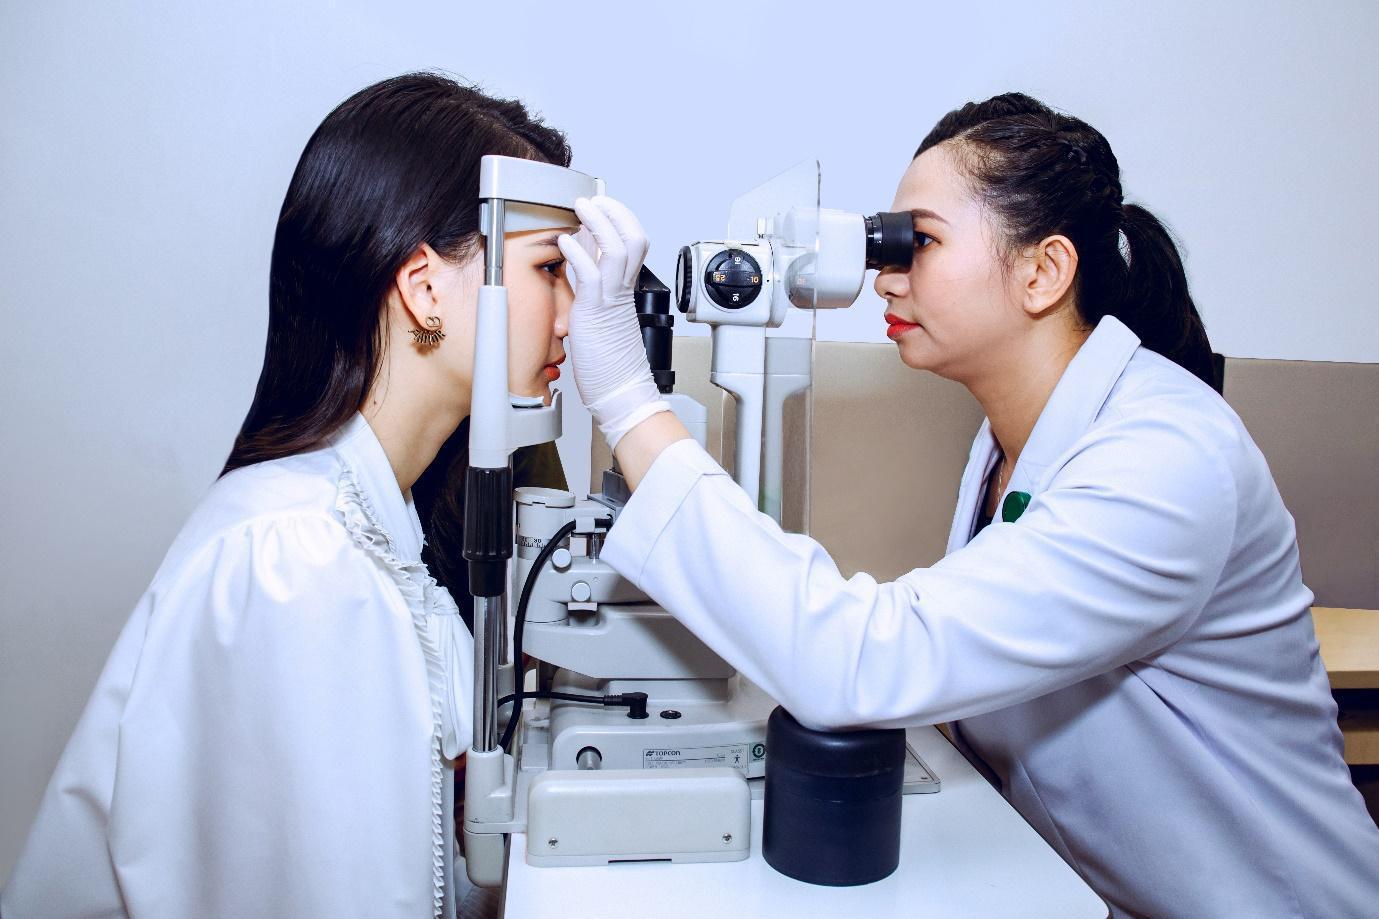 """Siêu mẫu Bùi Quỳnh Hoa bật mí cách chỉ mất 23 giây để """"thoát kính"""" với phương pháp mổ cận SMILE bằng Visumax - Ảnh 6."""